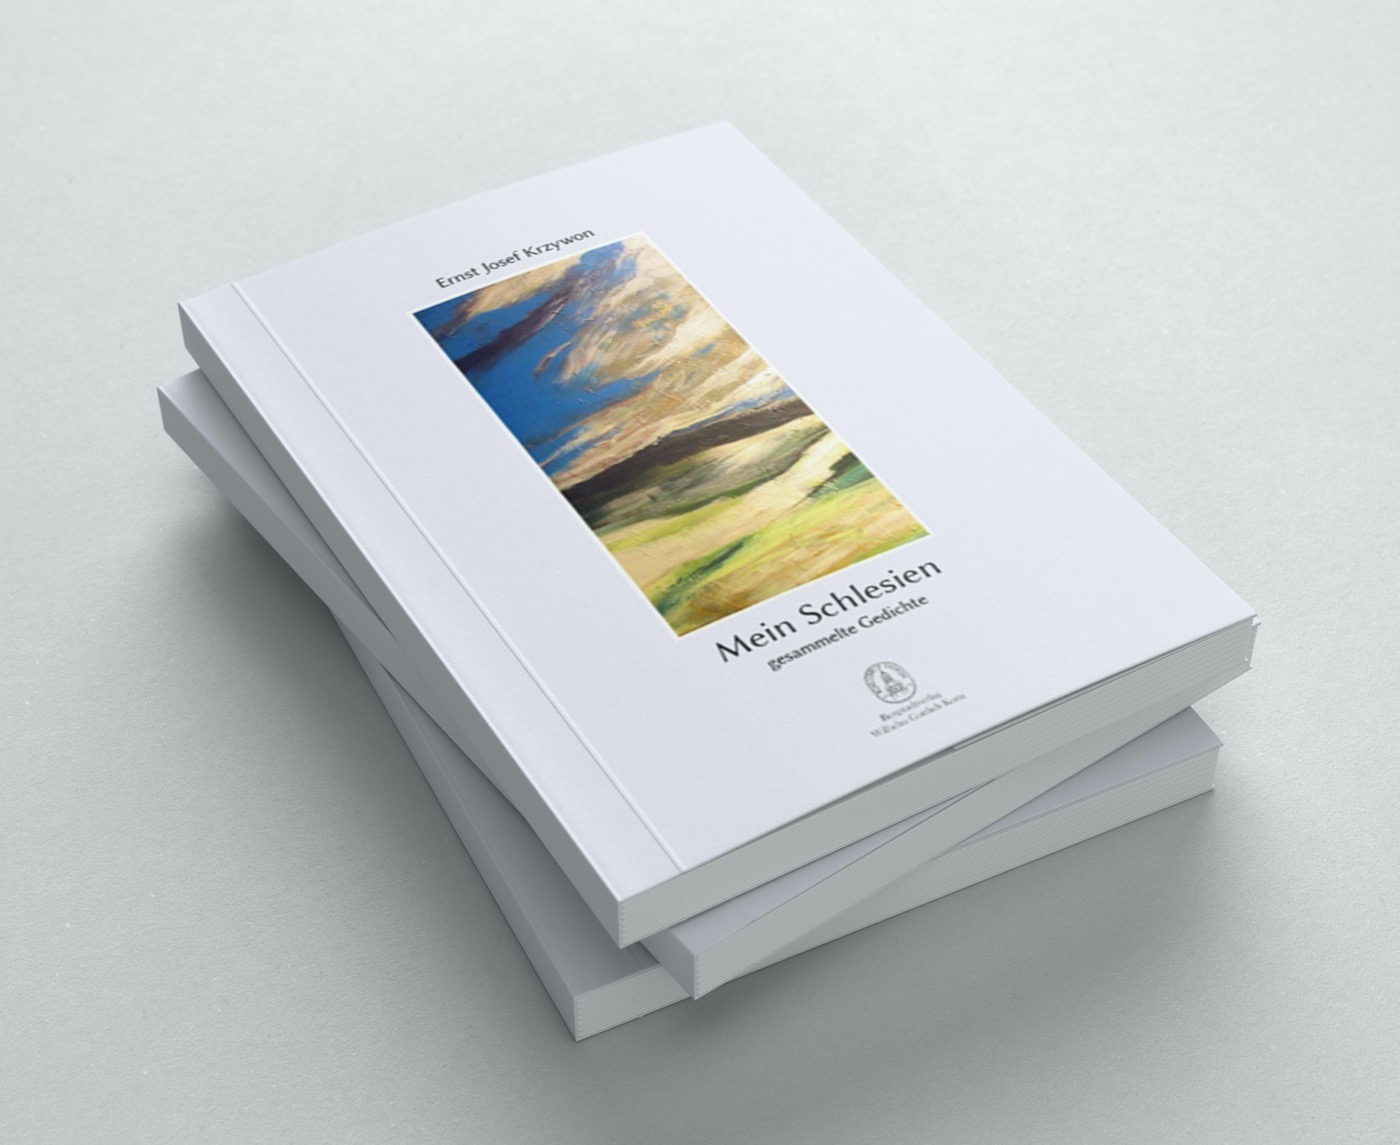 Neuer Gedichtband von Ernst Josef Krzywon